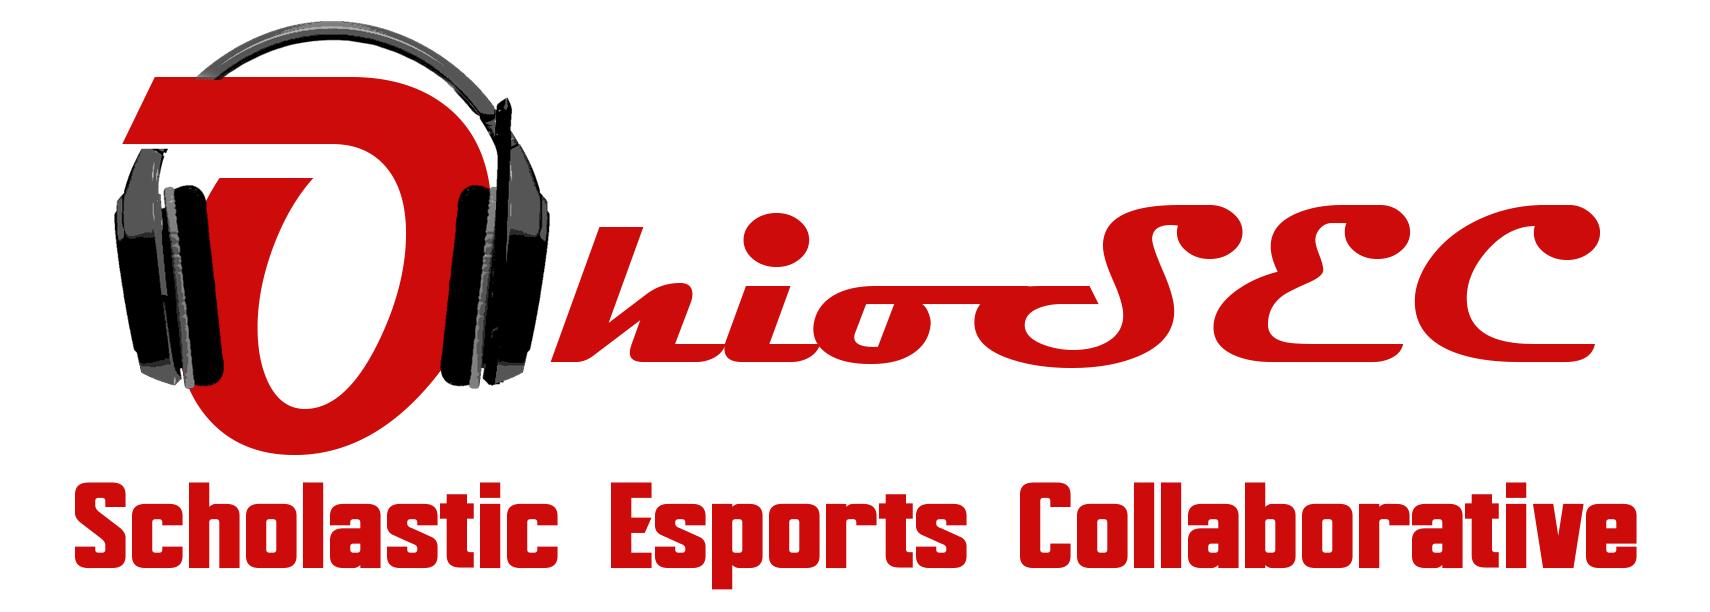 Ohio Scholastic Esports Collaborative